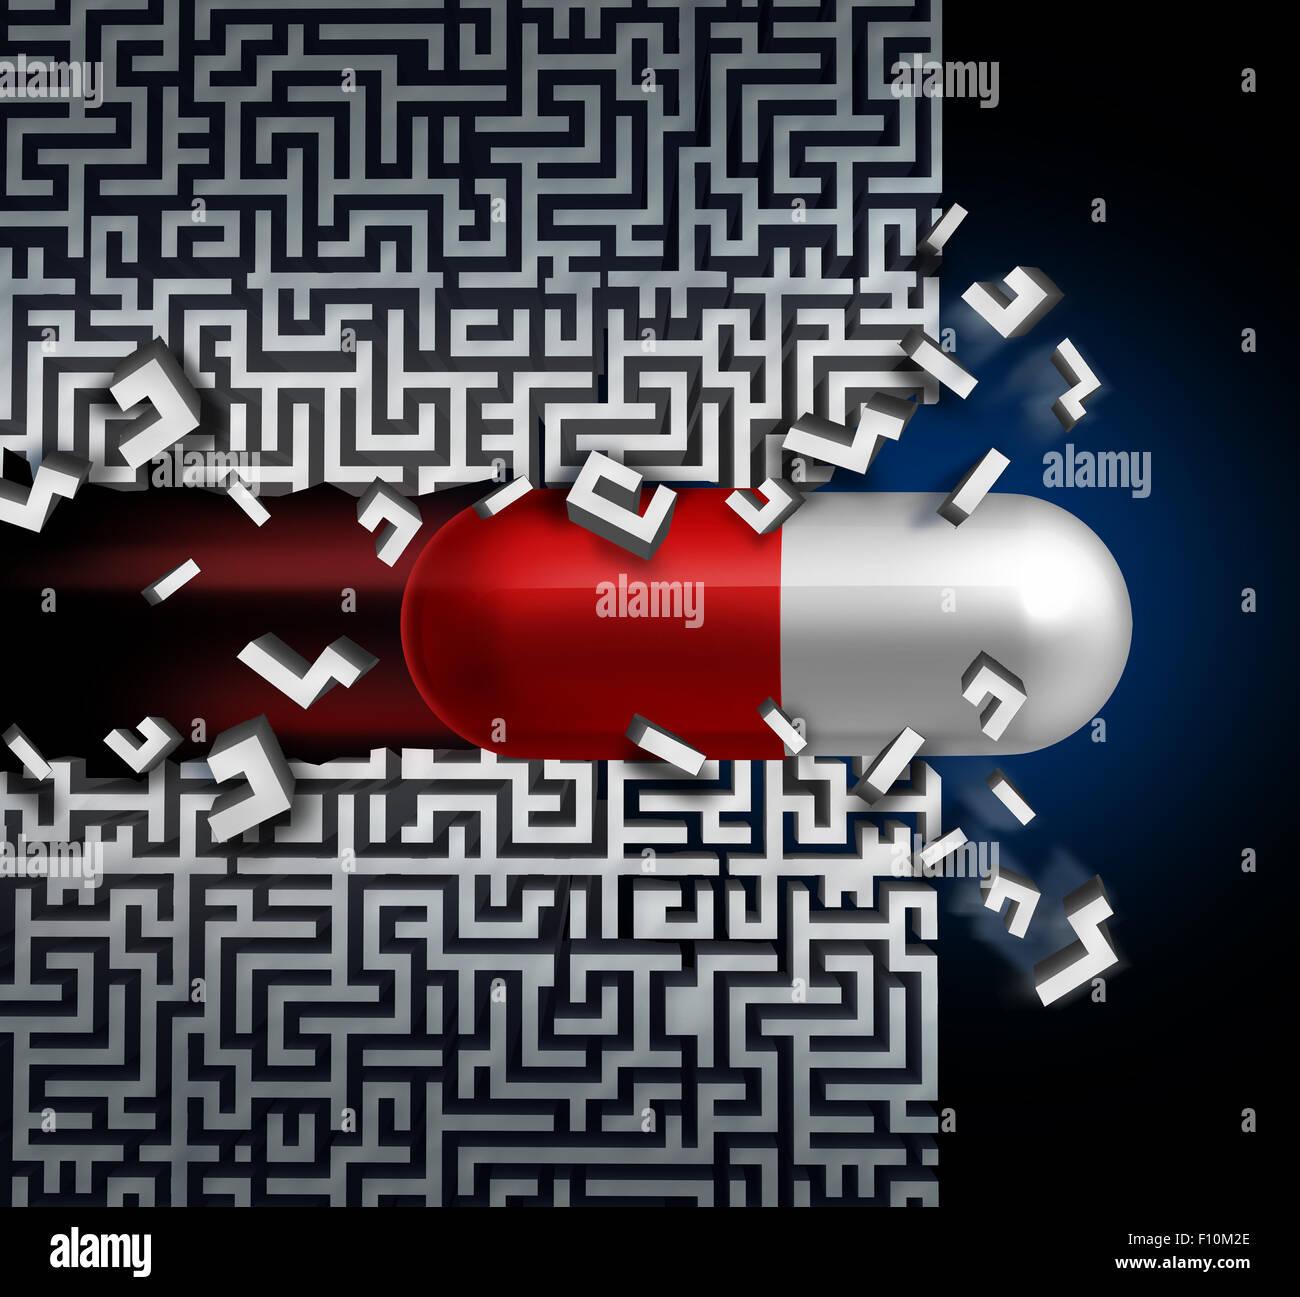 Medico di concezione innovativa e di successo di scoperta di farmaci come il simbolo di una sanità medicina Immagini Stock